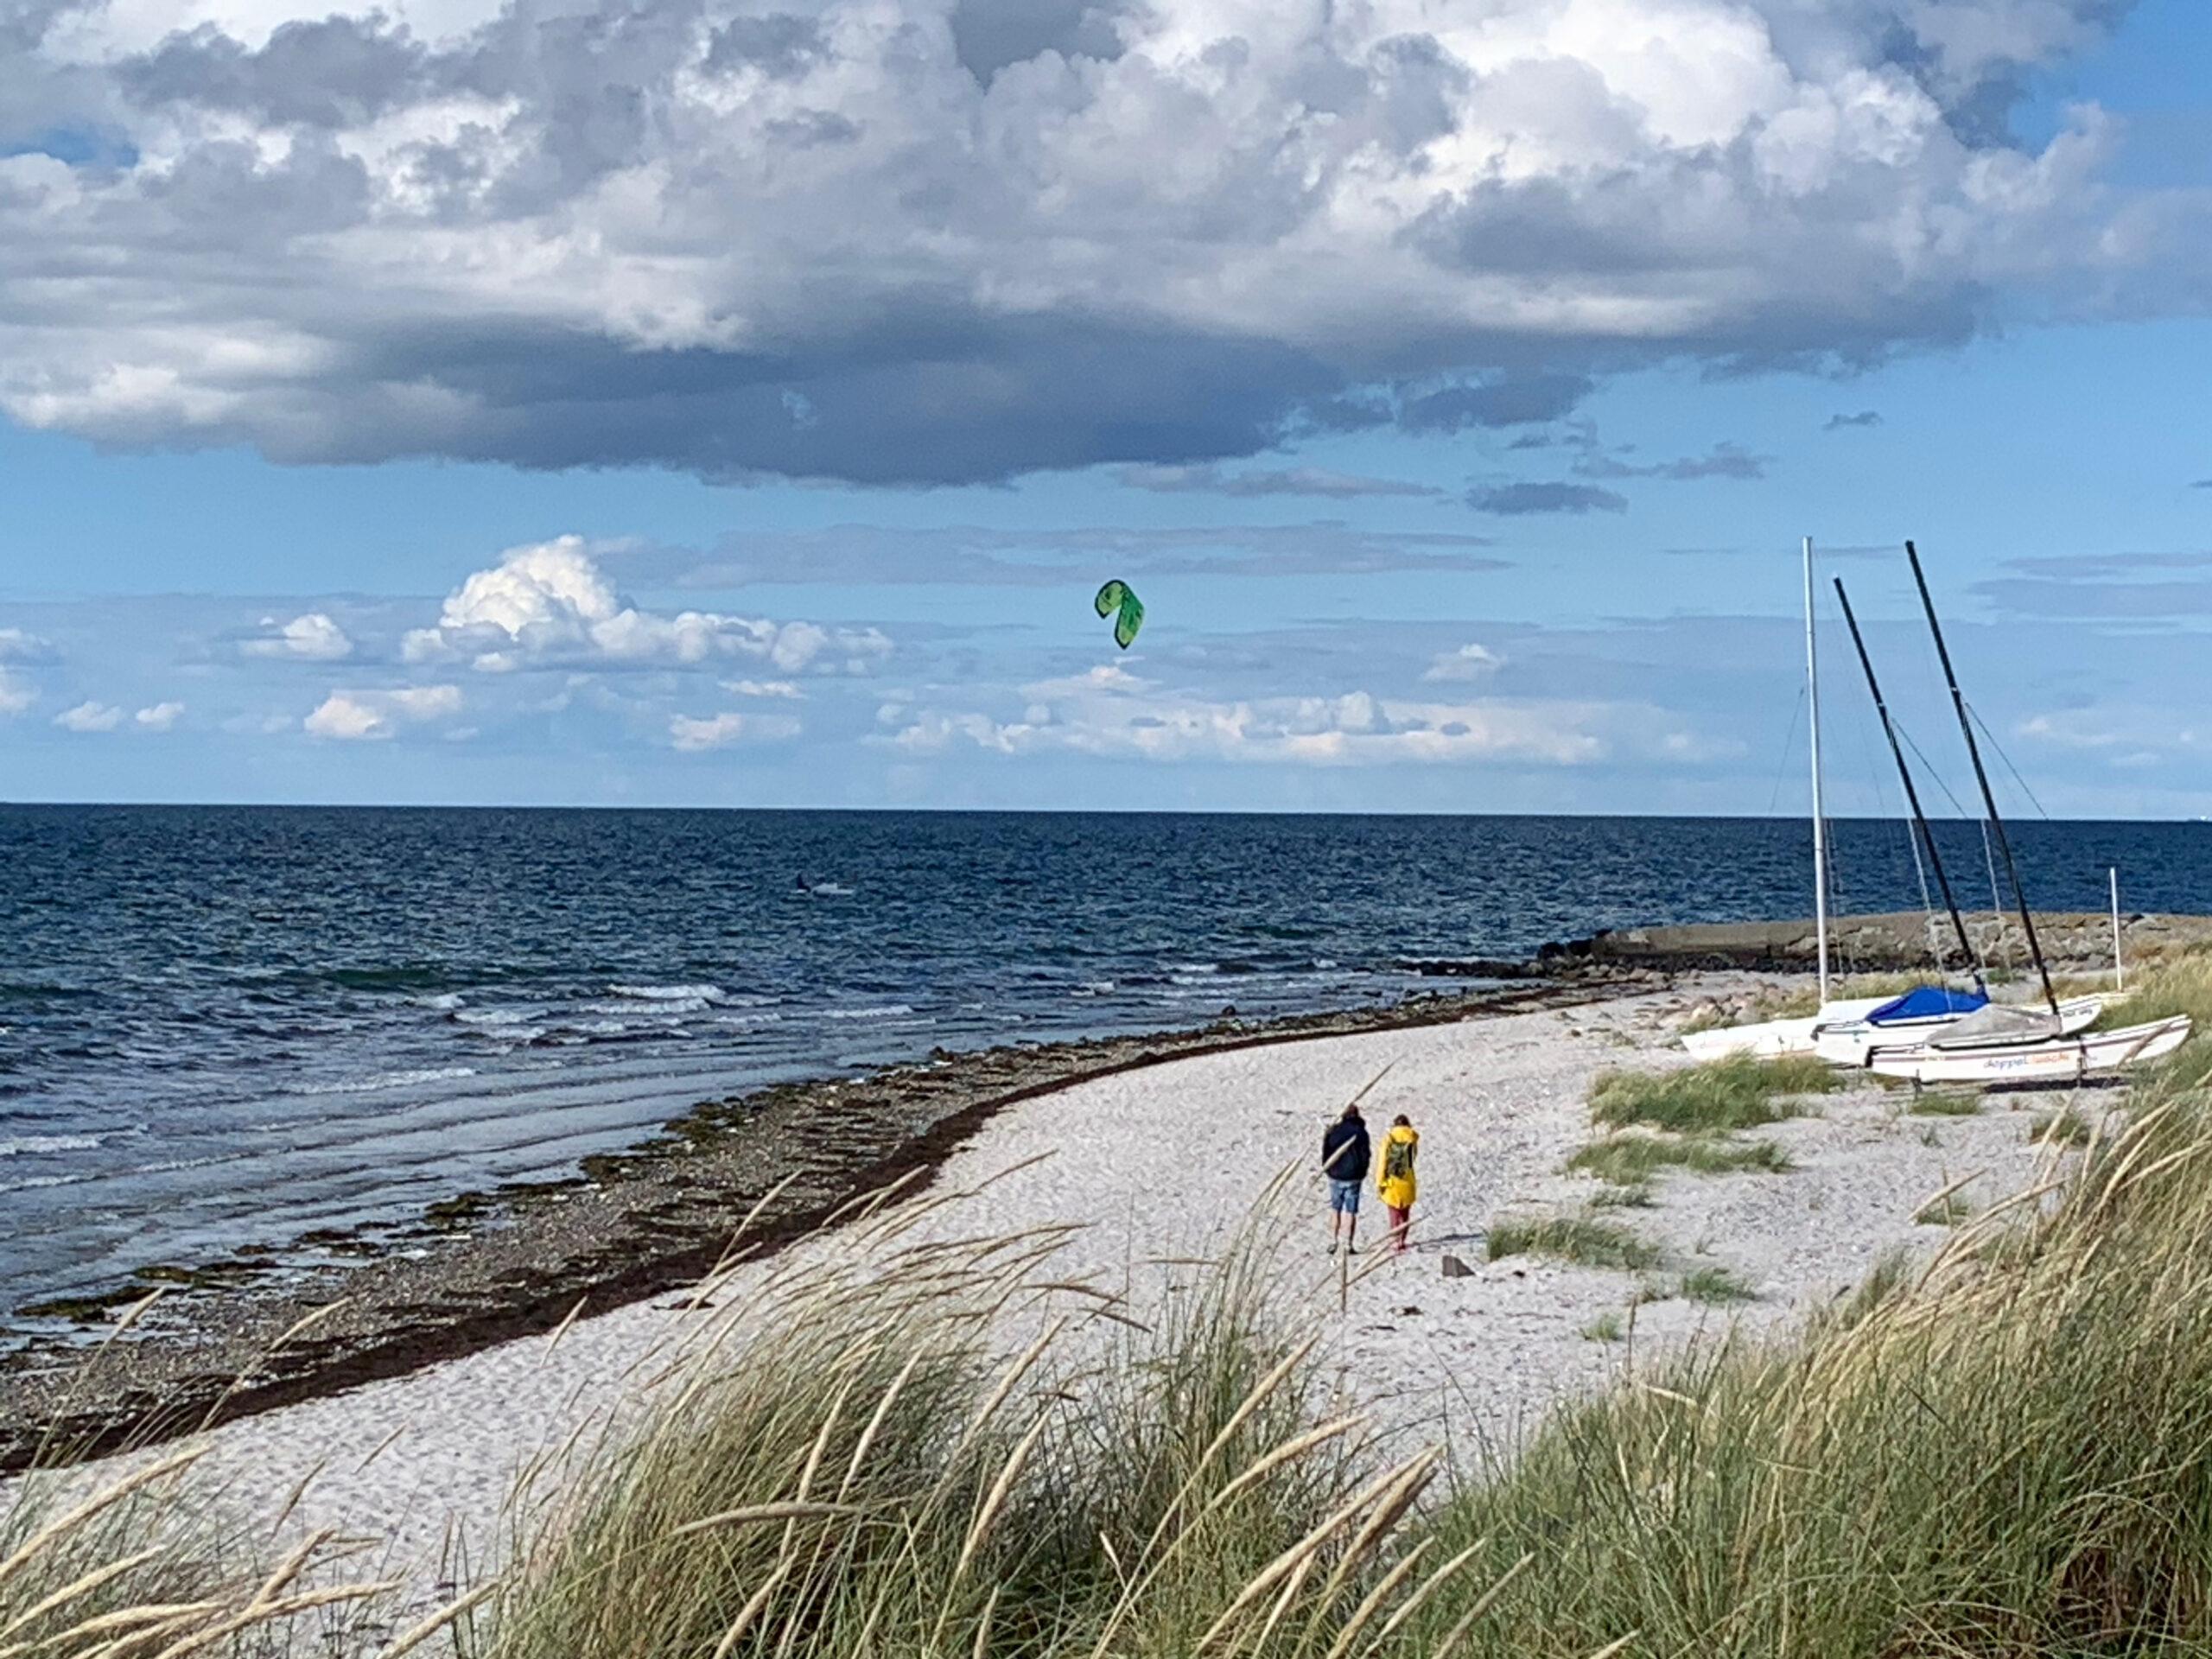 Urlaub im Ferienhaus an der Ostsee